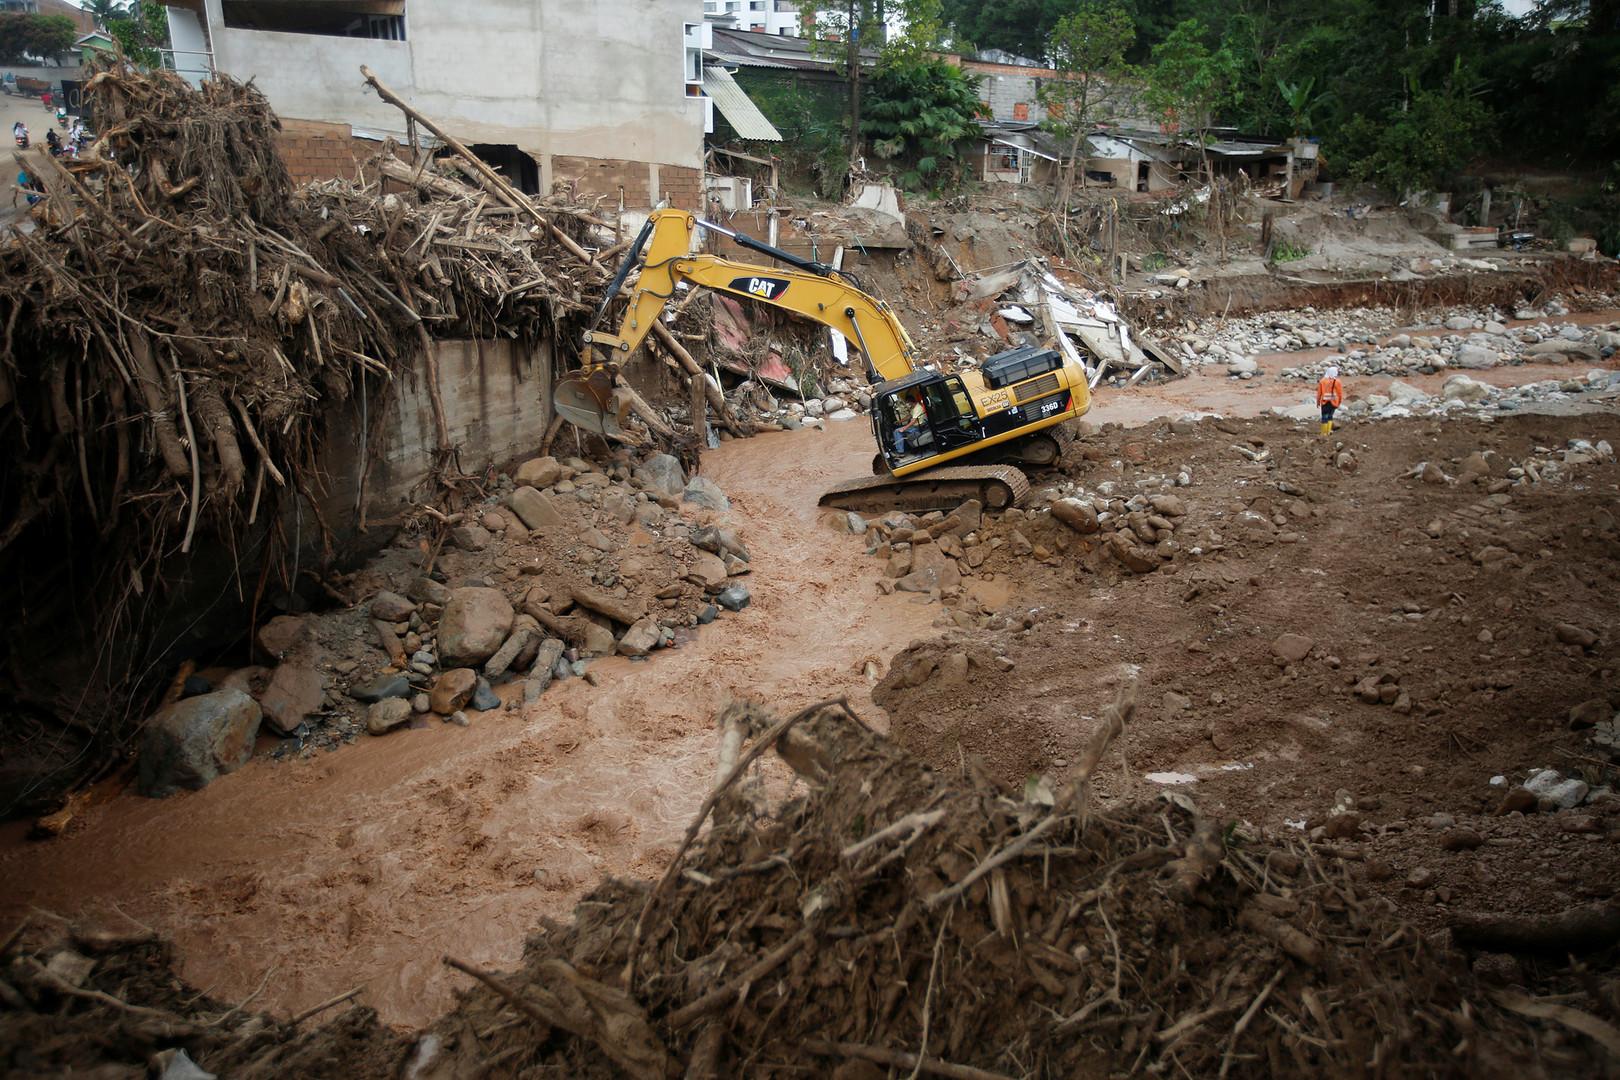 Coulée de boue en Colombie : le bilan s'alourdit à 254 morts, dont 43 enfants (IMAGES)